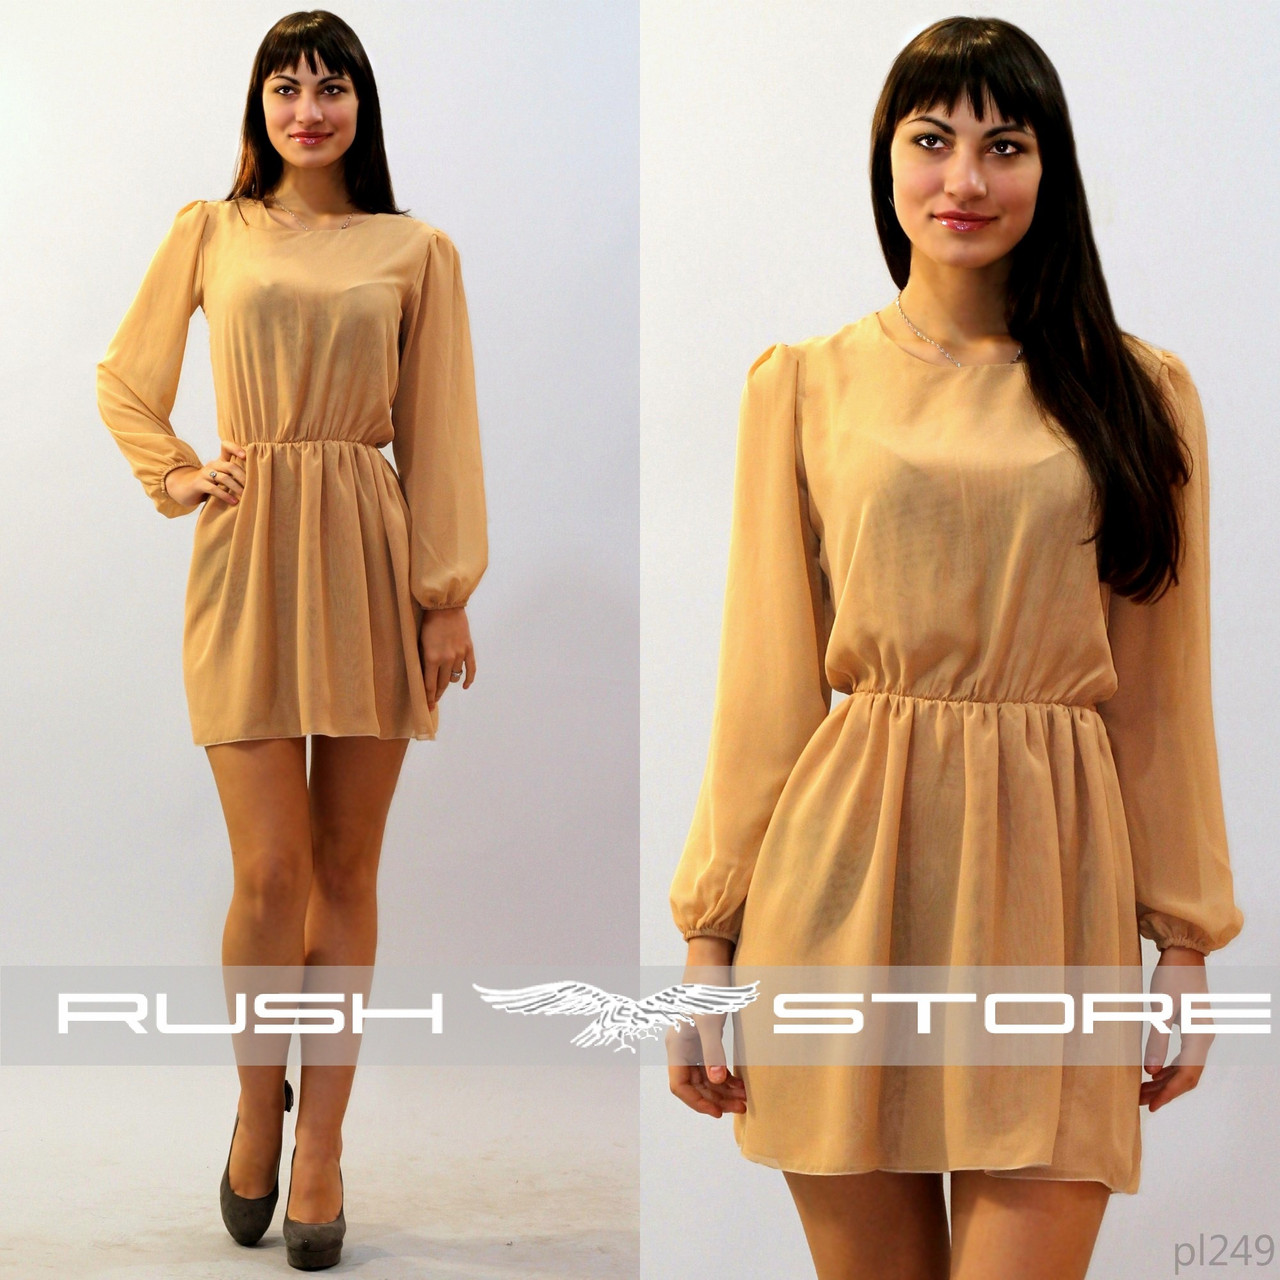 c92a60e1394b Шифоновое платье с длинным рукавом - RUSH STORE интернет-магазин женской  одежды в Николаеве